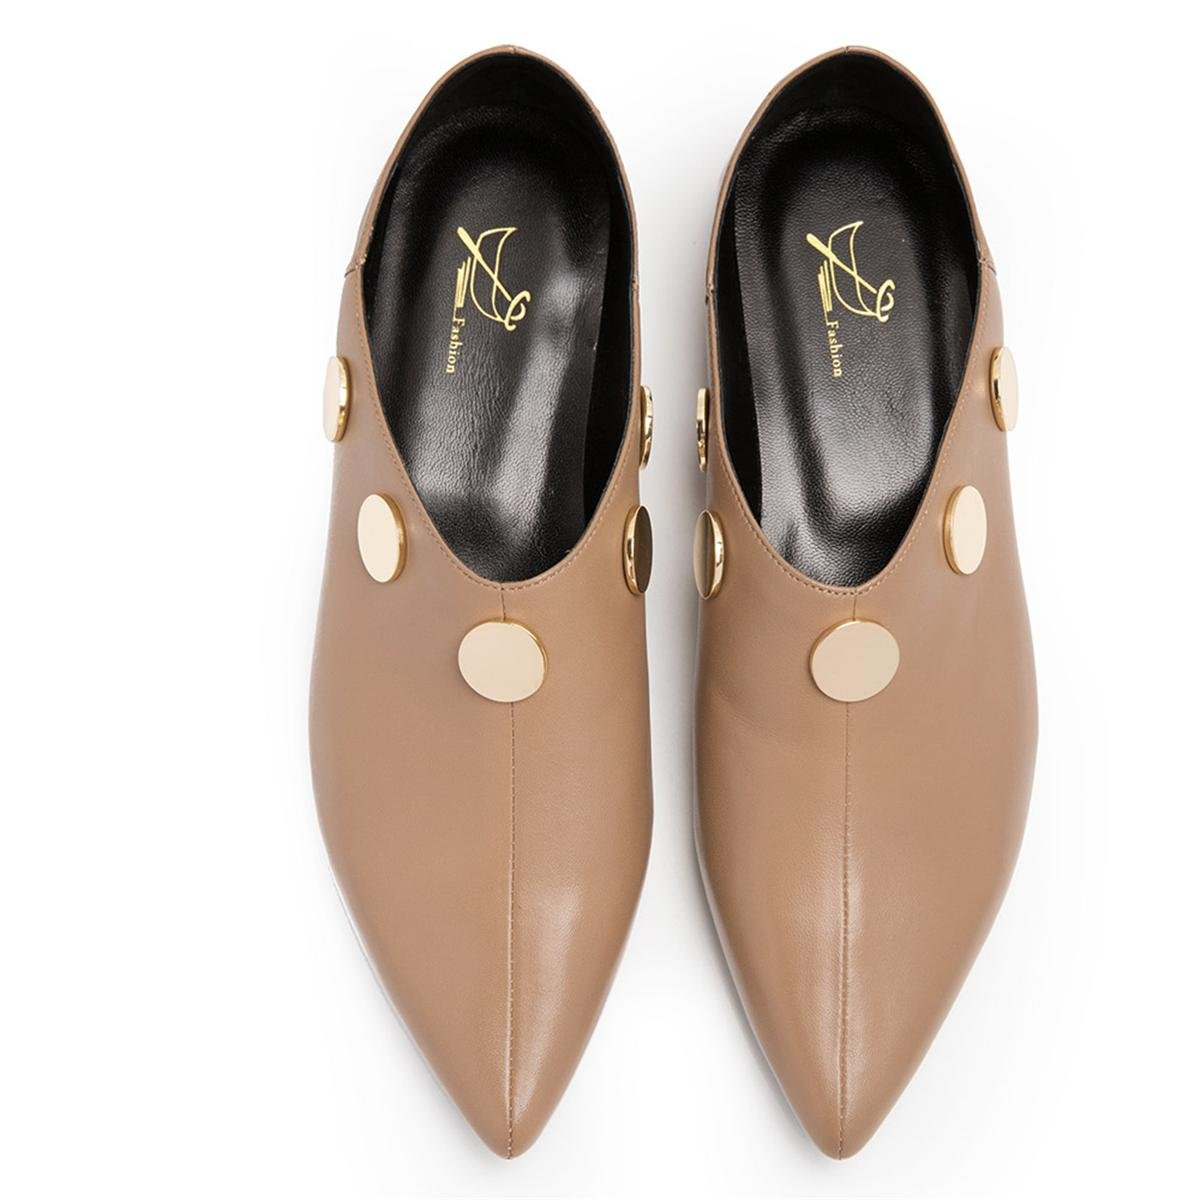 NVXIE NVXIE NVXIE Damen Neue Mode Einzel Schuhe Lazy Halbe Hausschuhe Zwei Tragen Rough Mid Heel Spitz Zeh Echt Leder Metall Button Herbst Winter Work Party 1-EUR37UK455 ce25a3